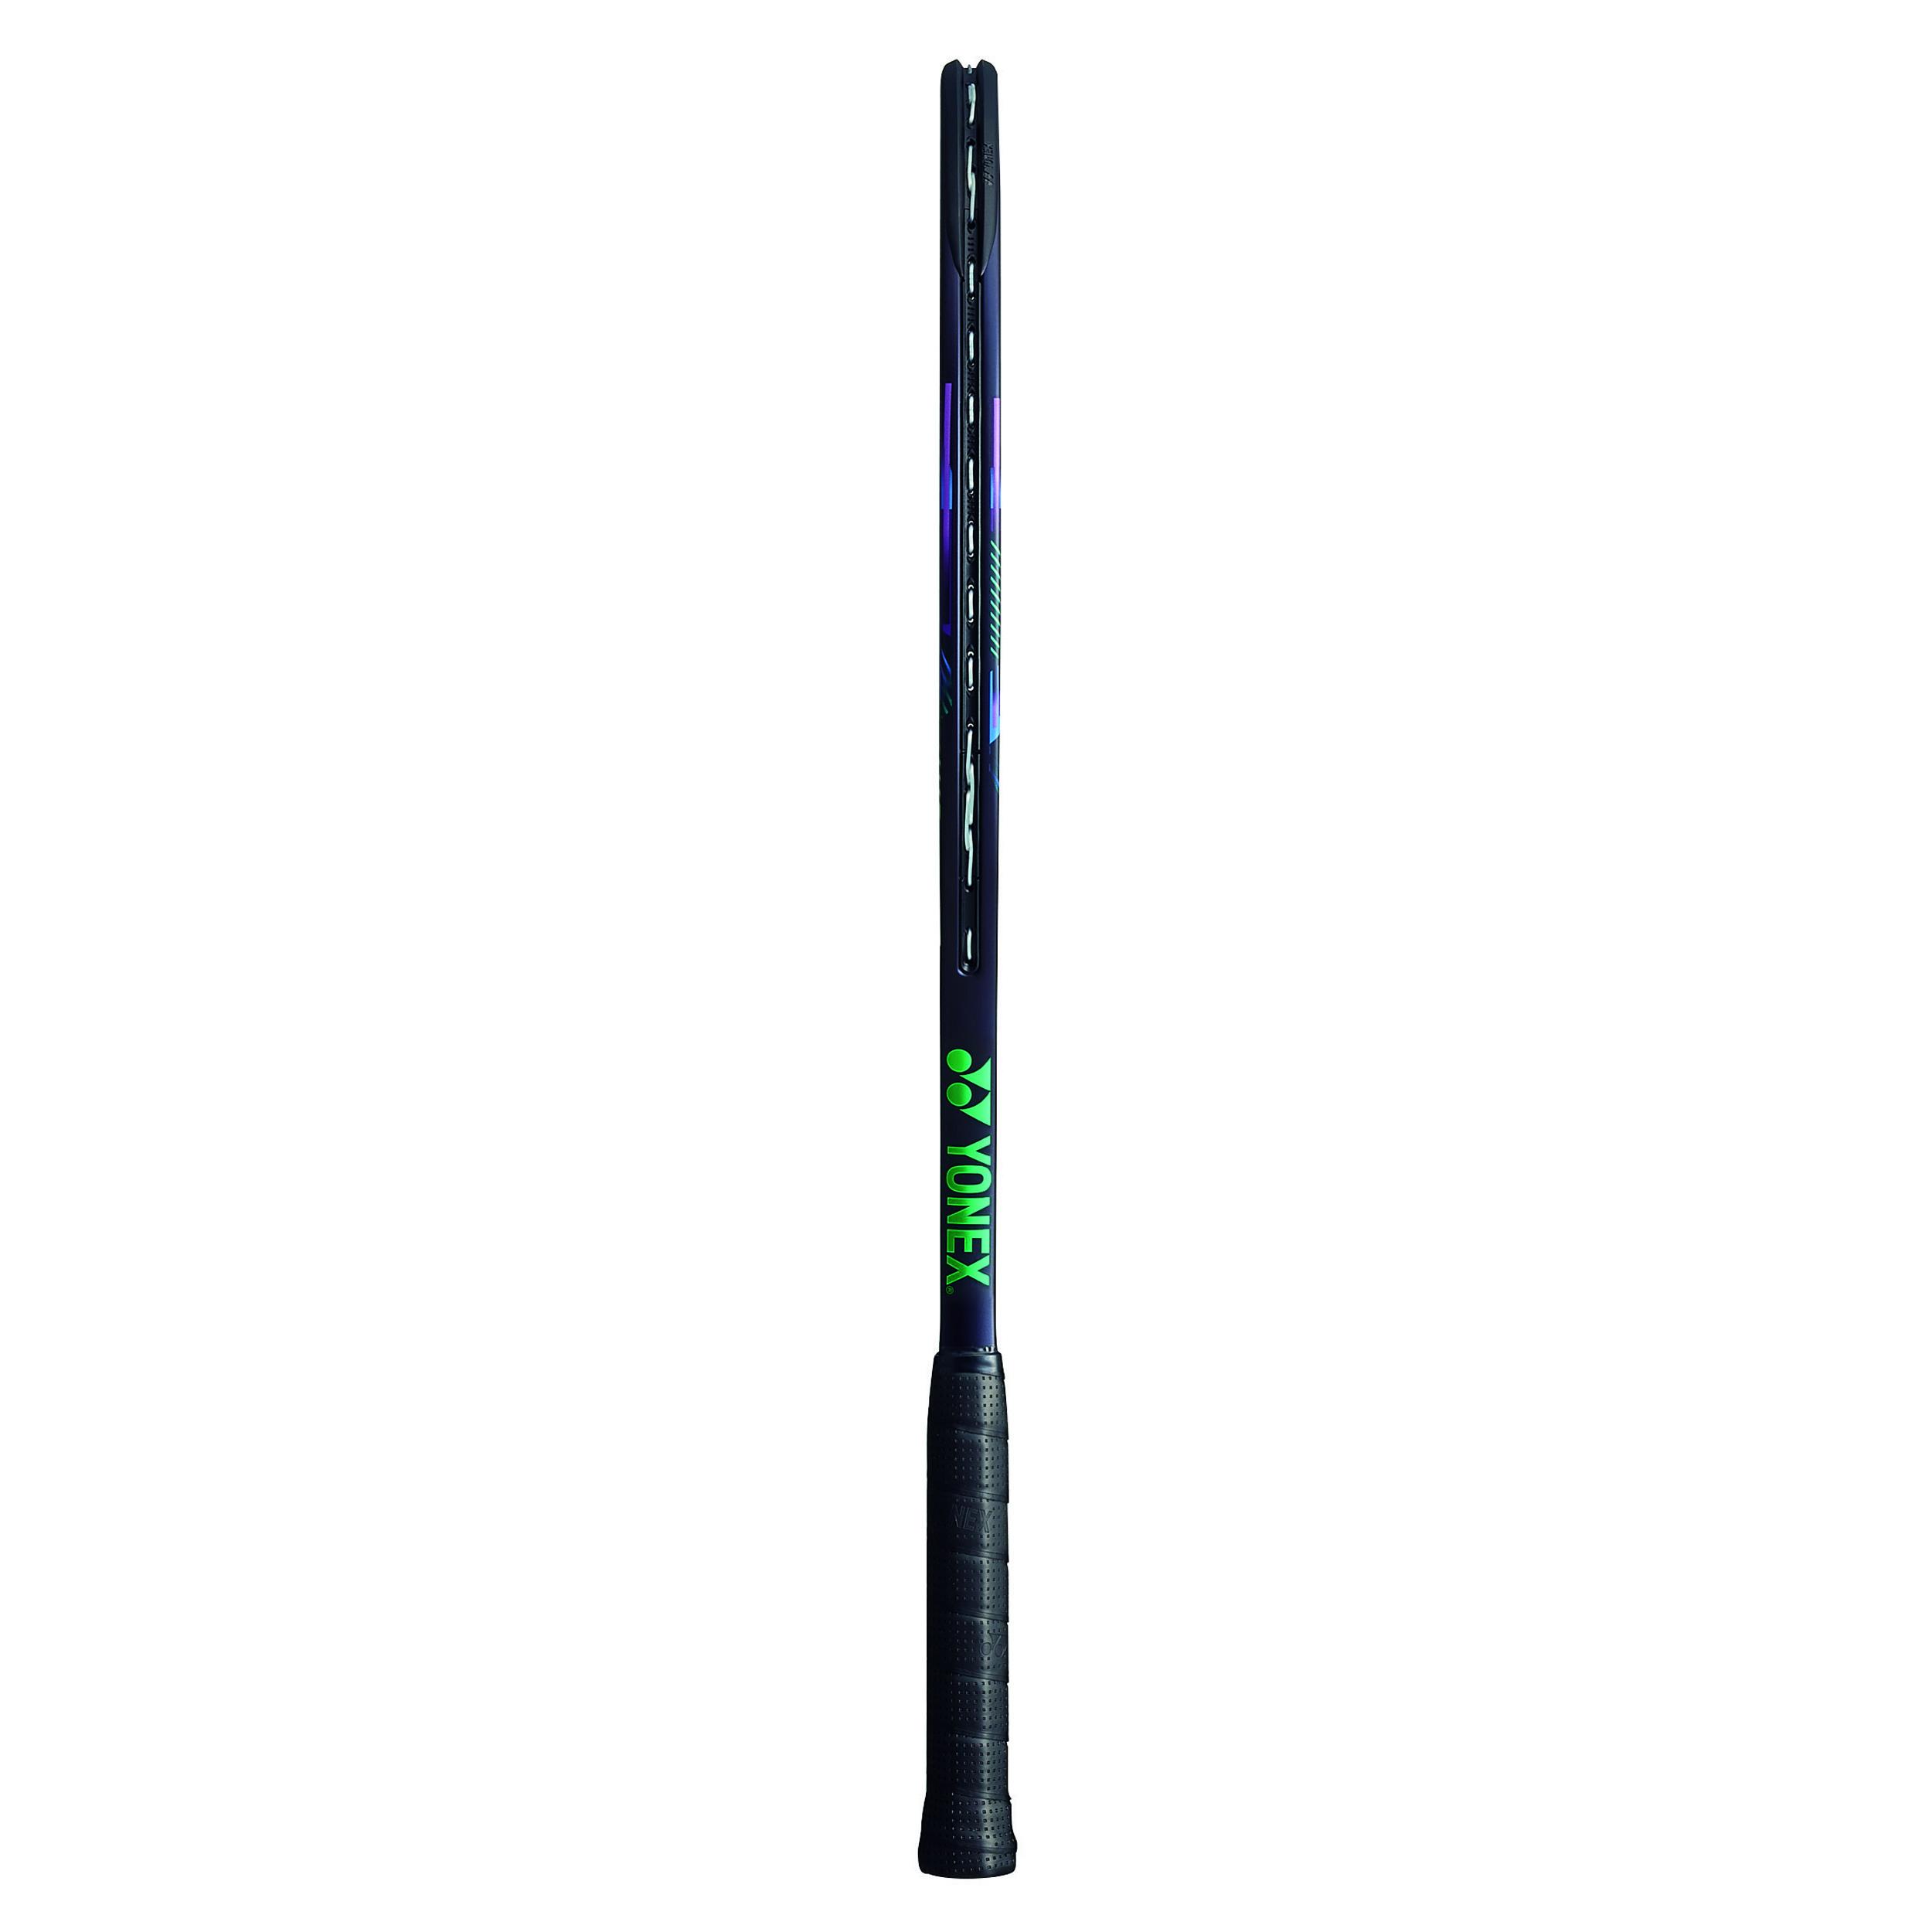 Yonex Vcore Pro 97D 320g Tennis Racquet 2021